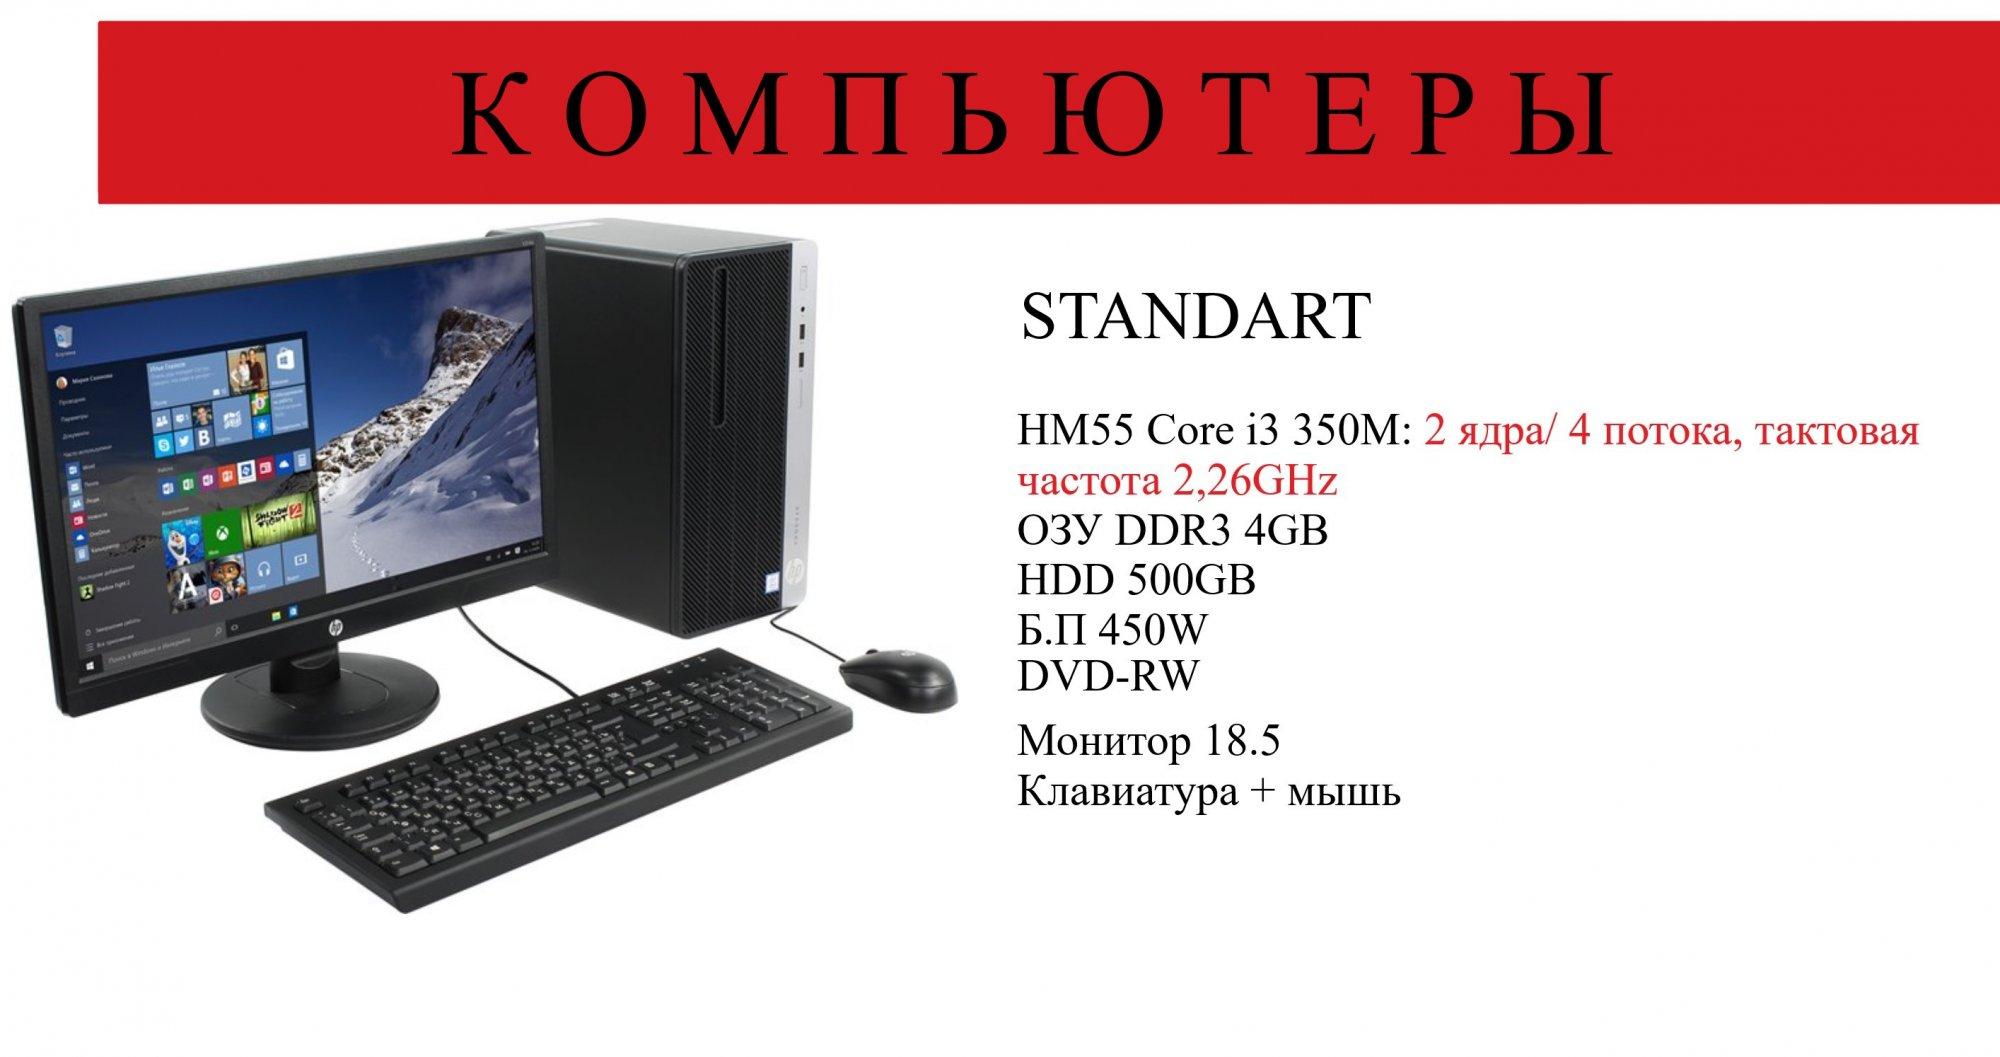 PK.1555488510420_666530.jpg